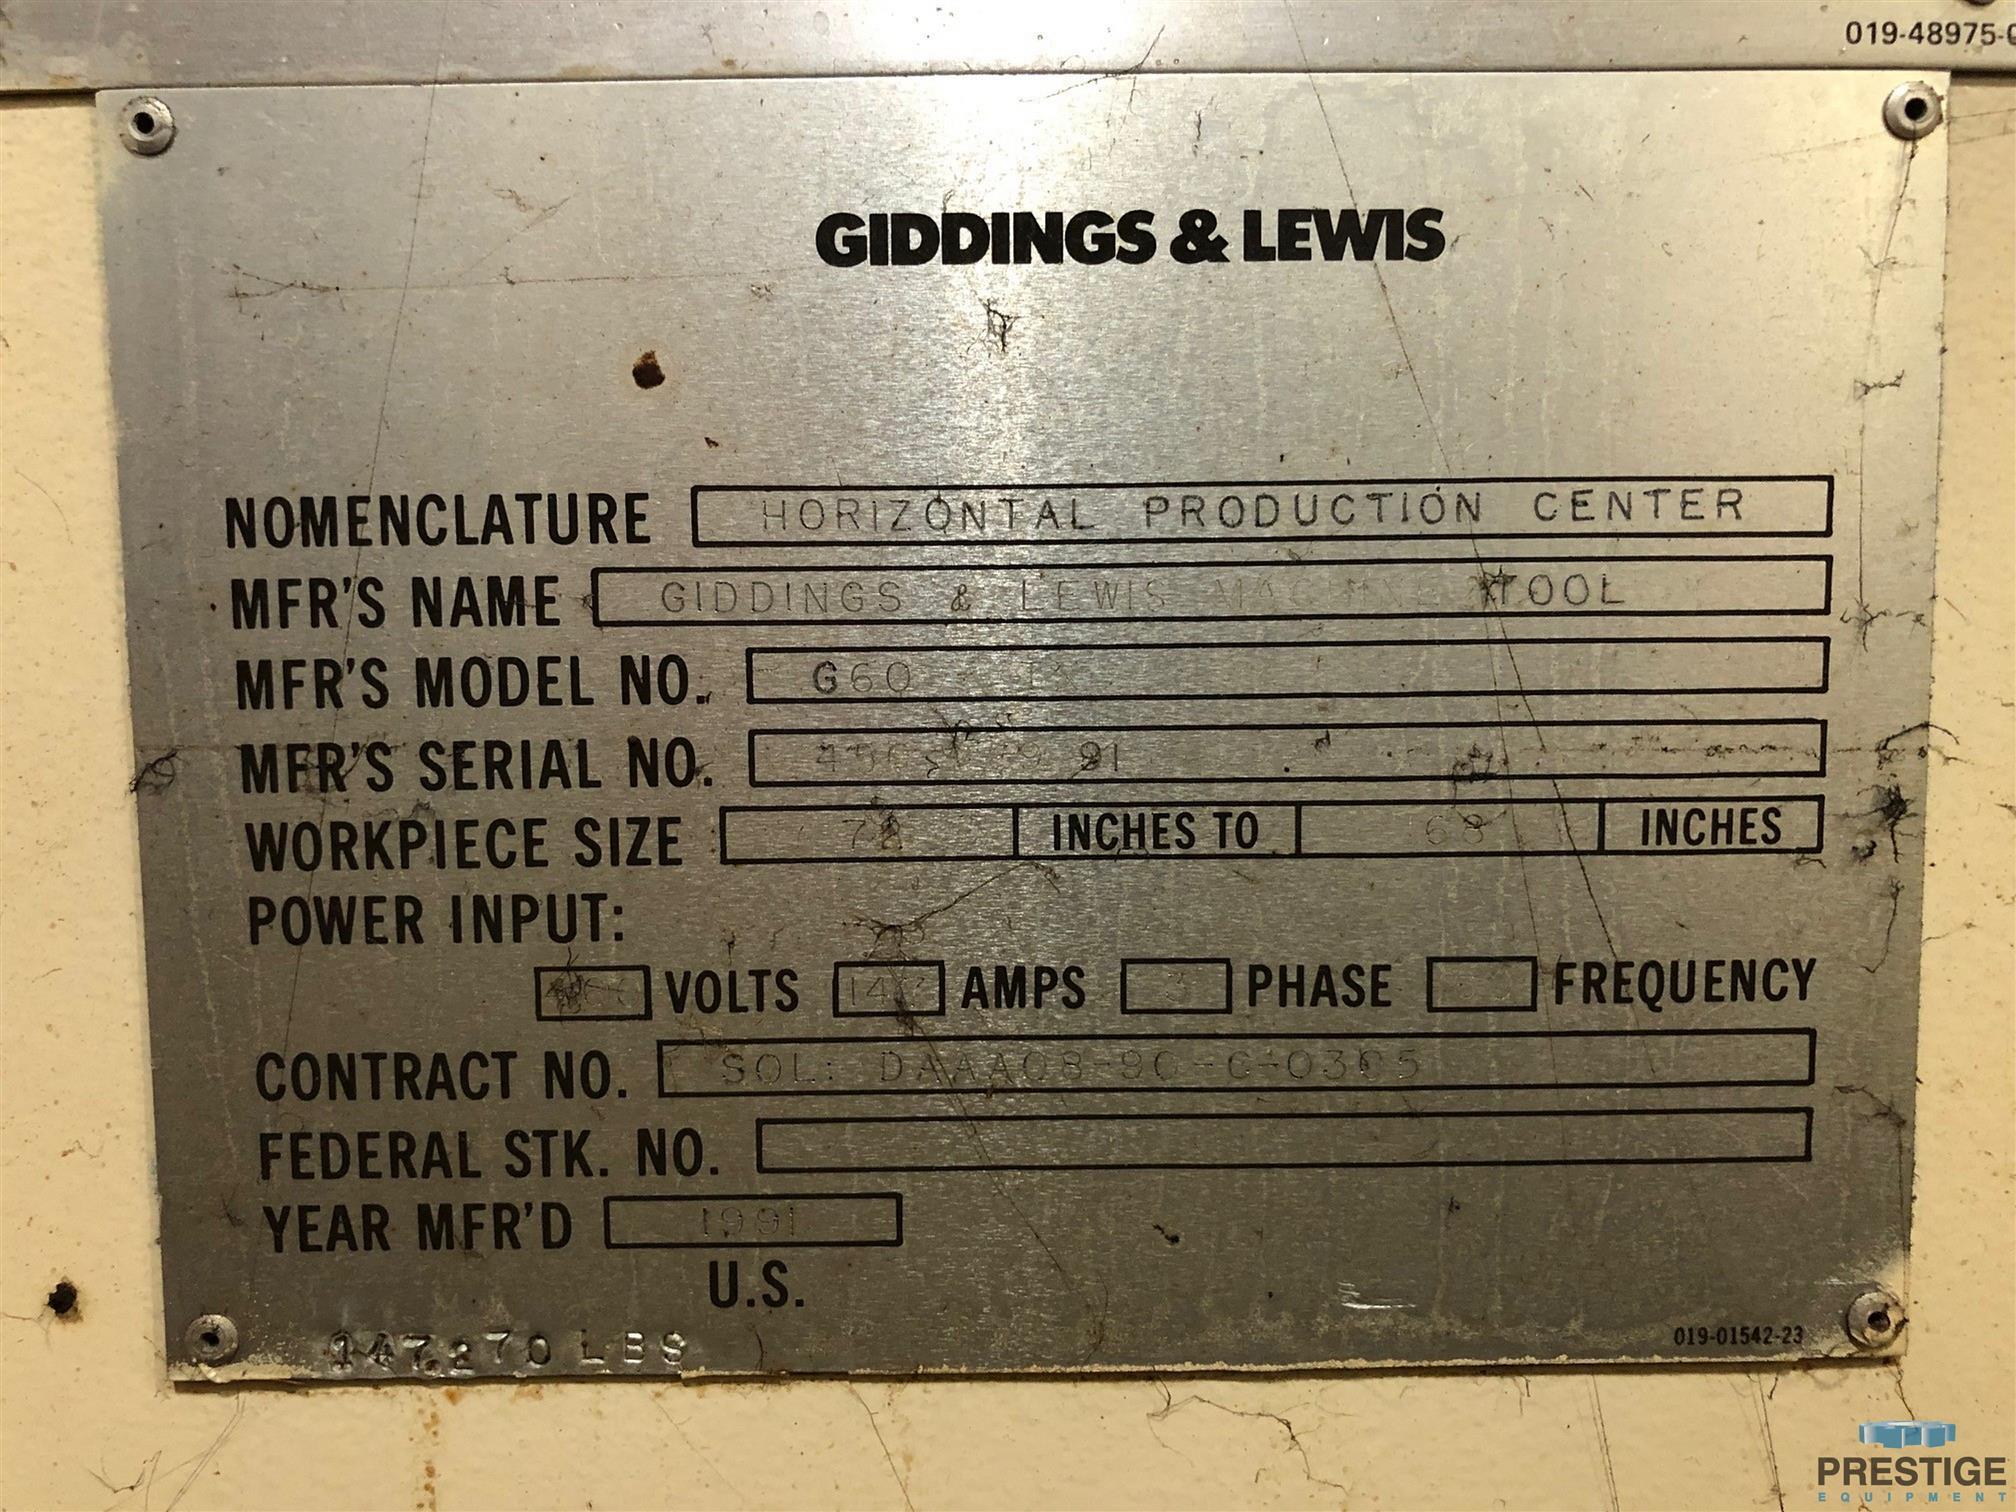 Giddings & Lewis G60-TX 6